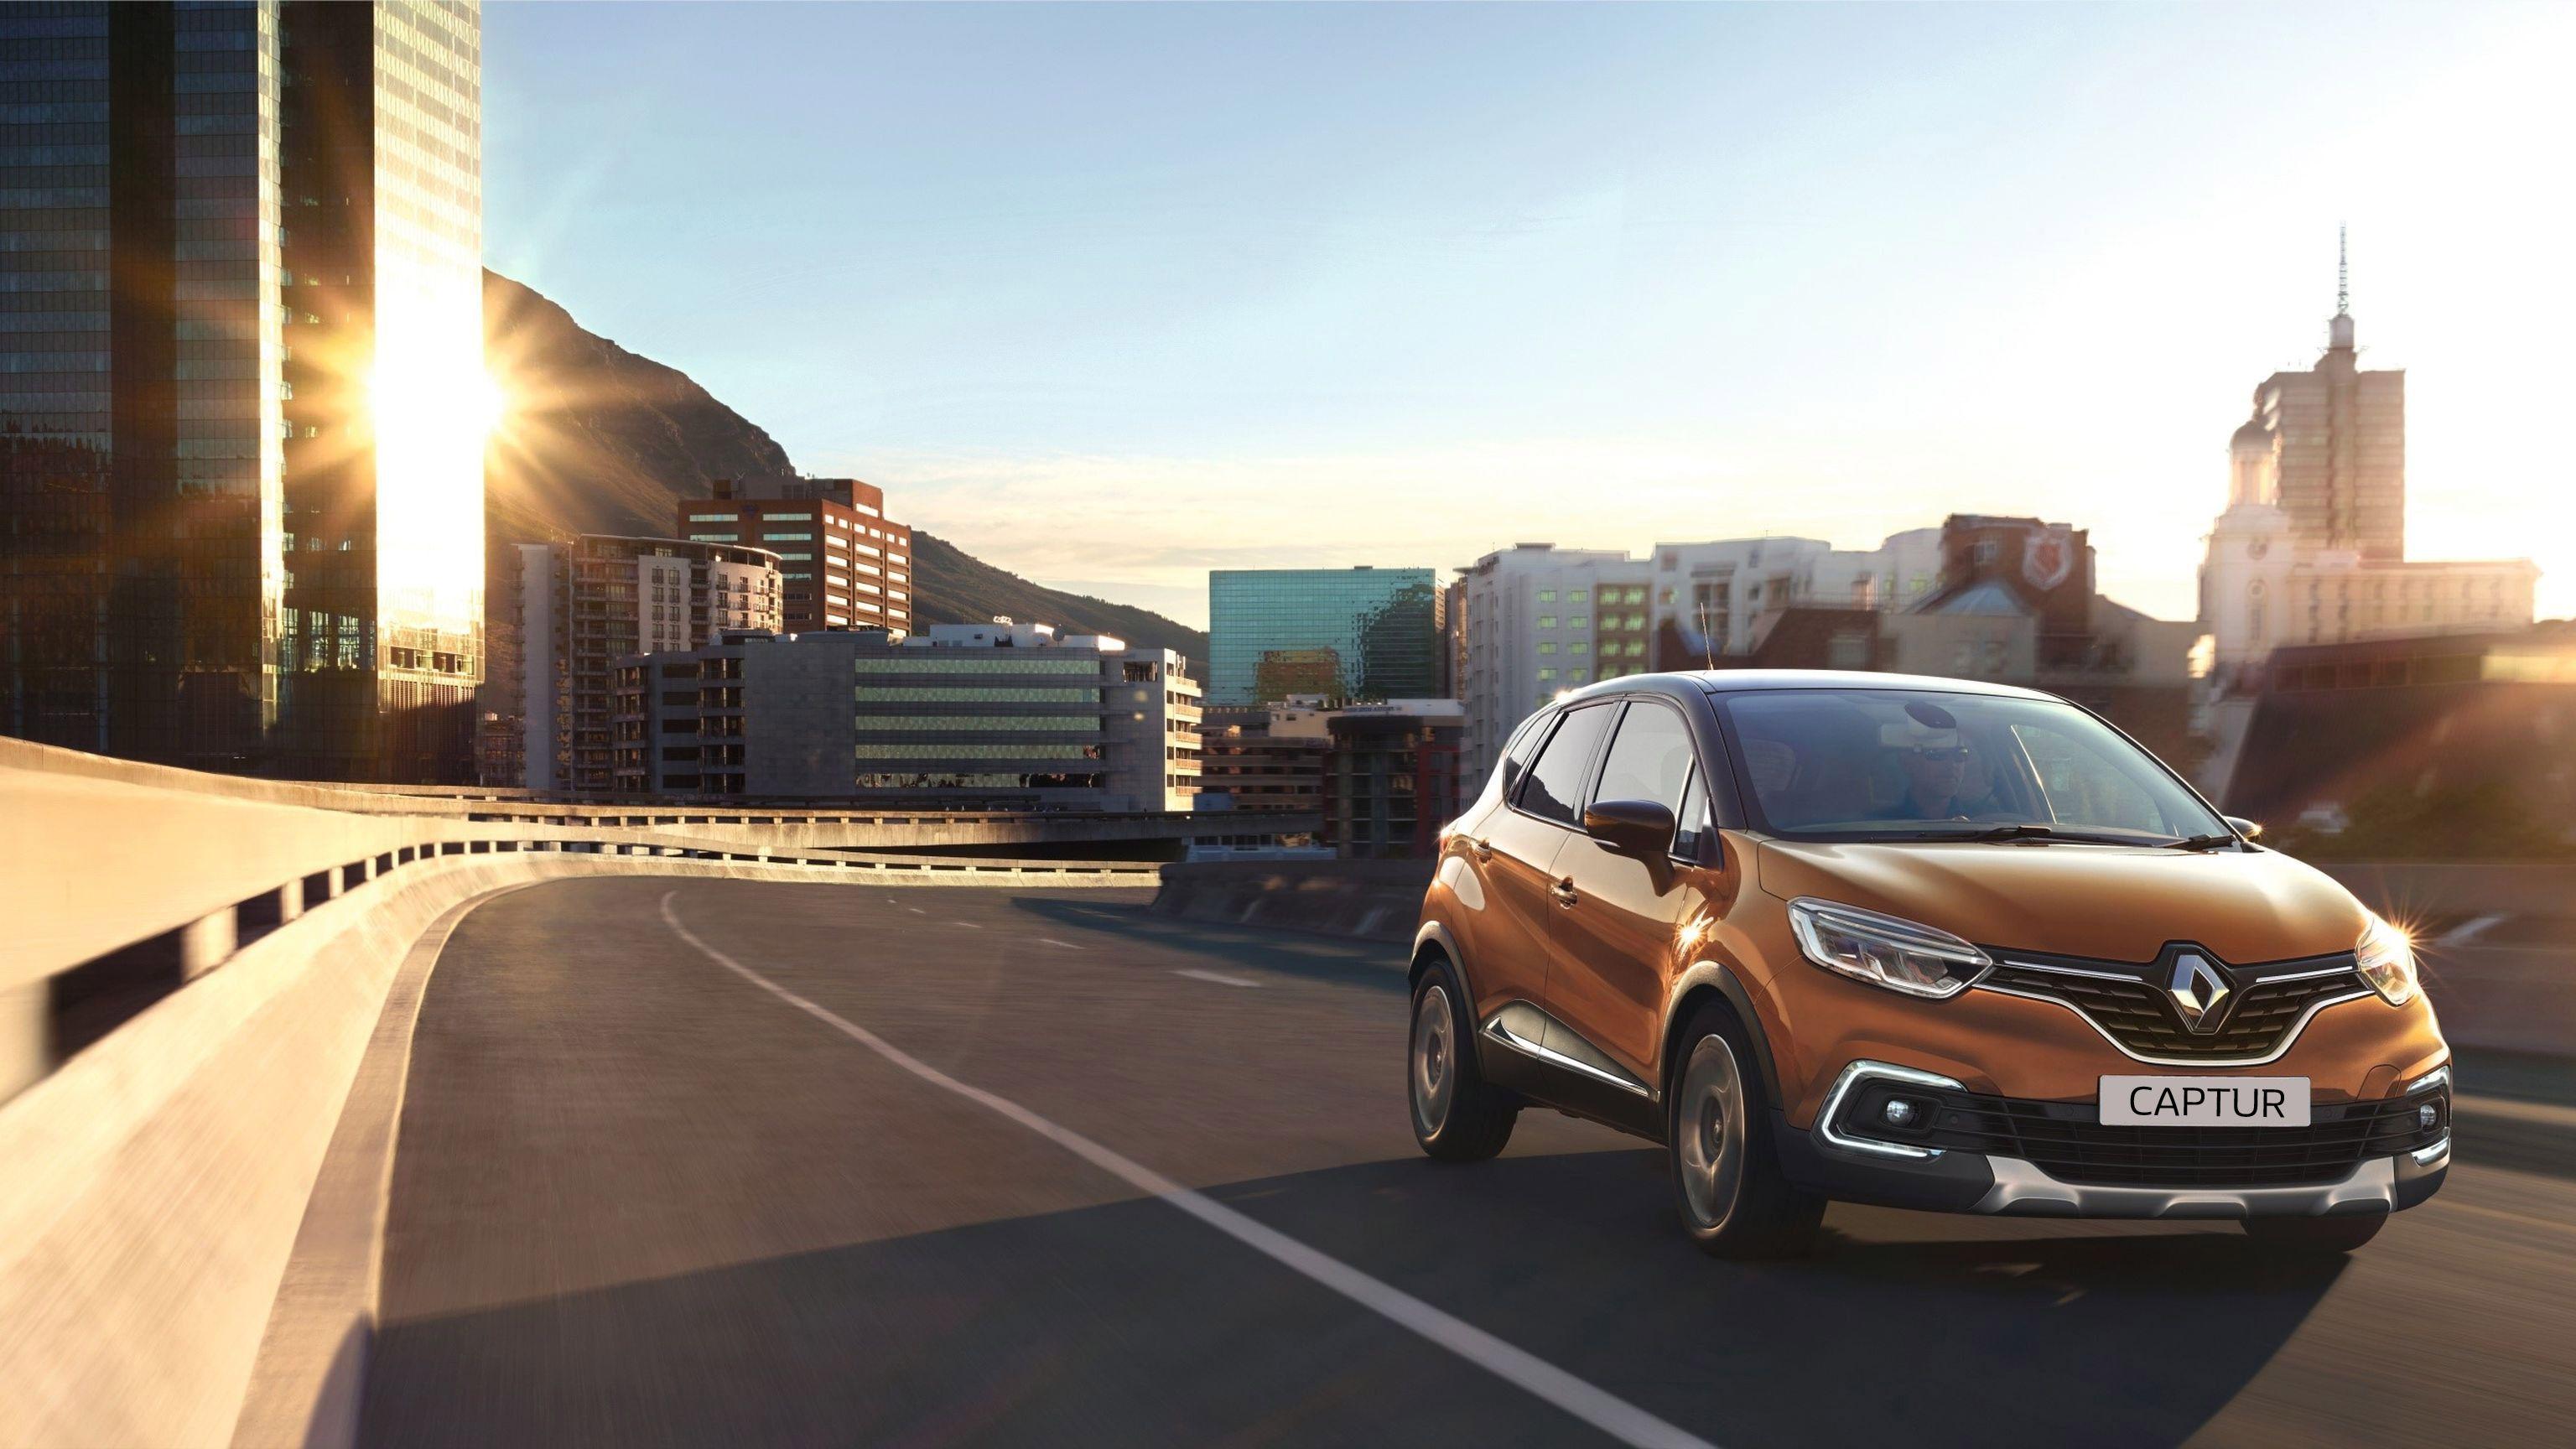 Встречайте новый Renault Captur: еще больше уникальности